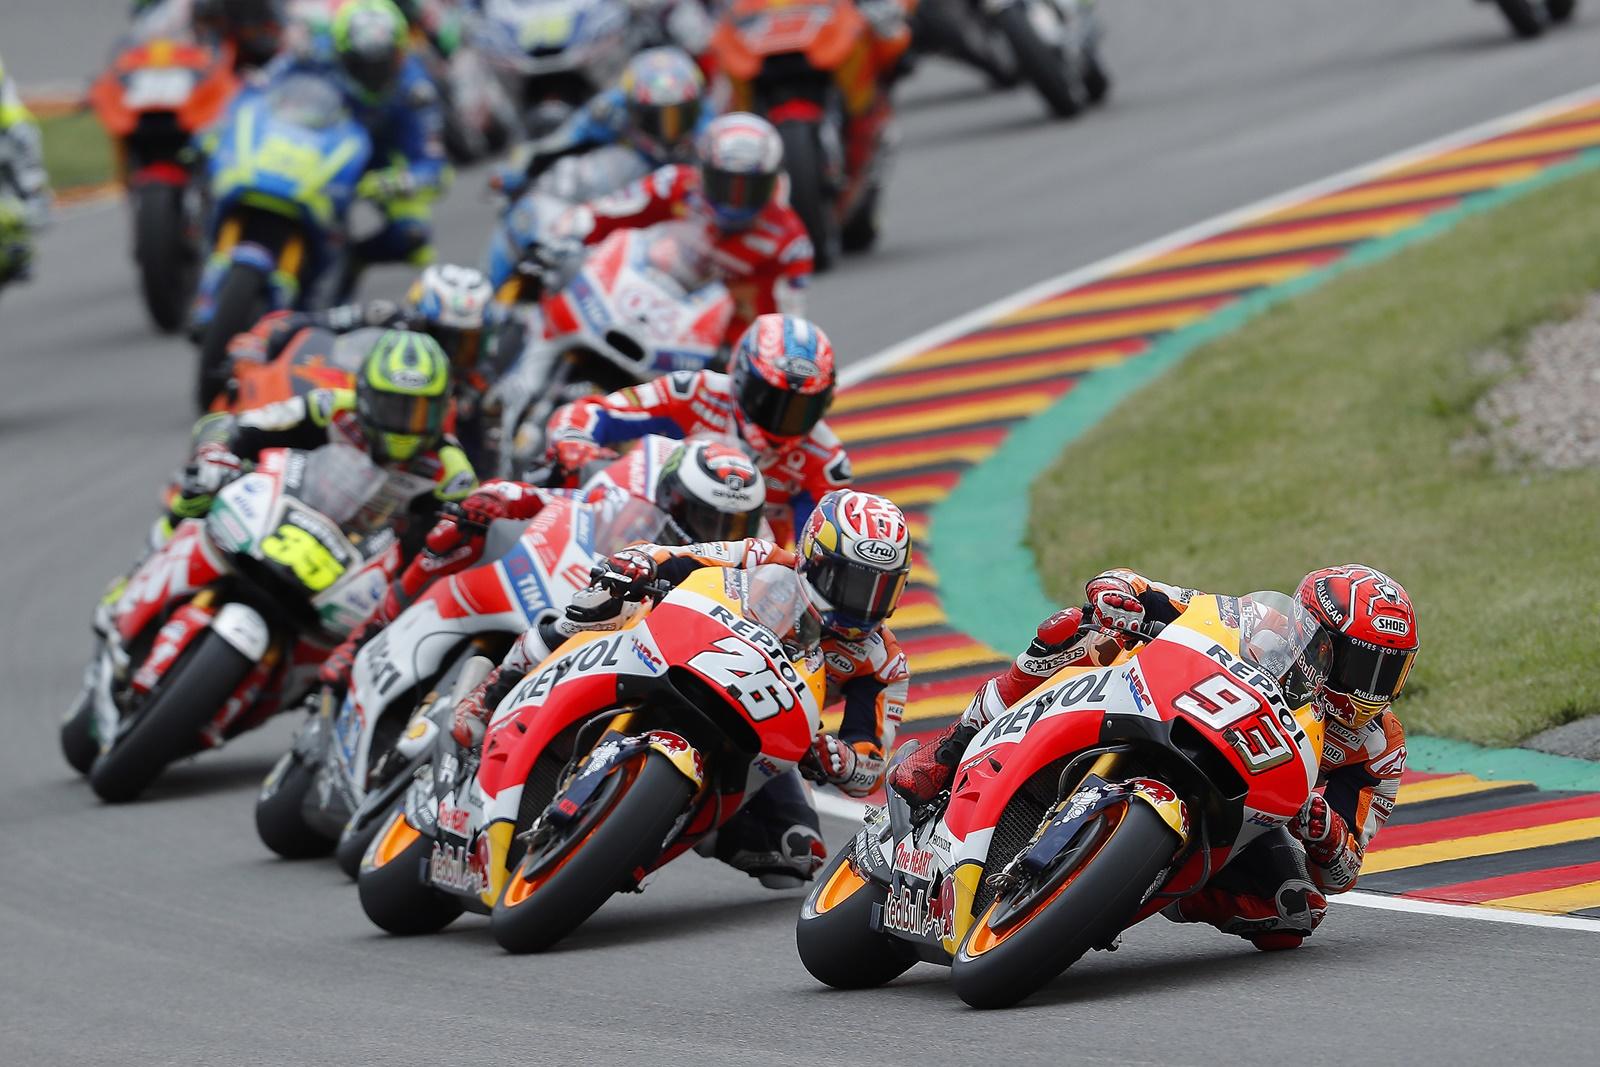 MotoGP 2018 | Schedule Released - Motocross | MTB News - BTO Sports